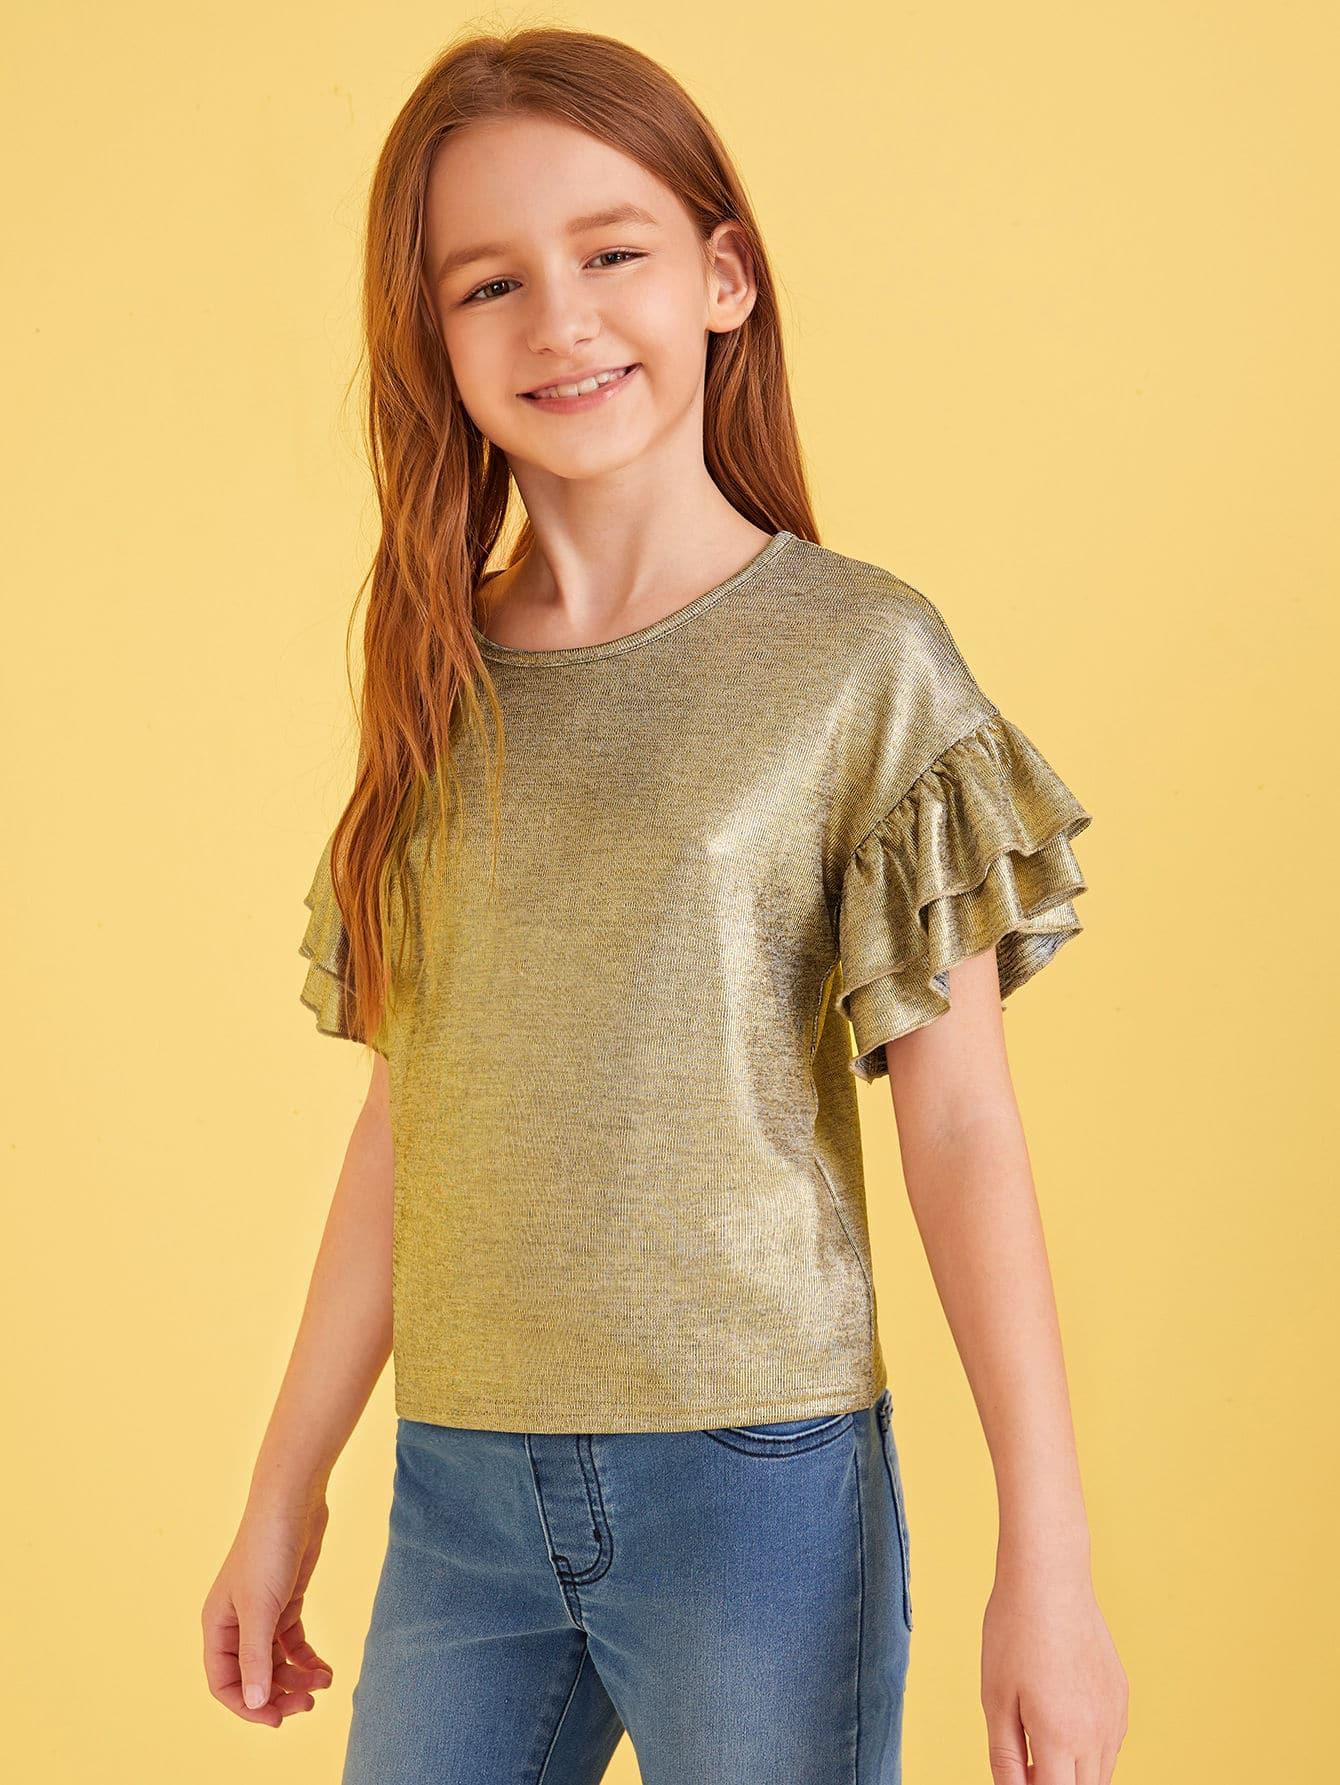 Фото - Метпллический топ с оборкой для девочек от SheIn золотого цвета